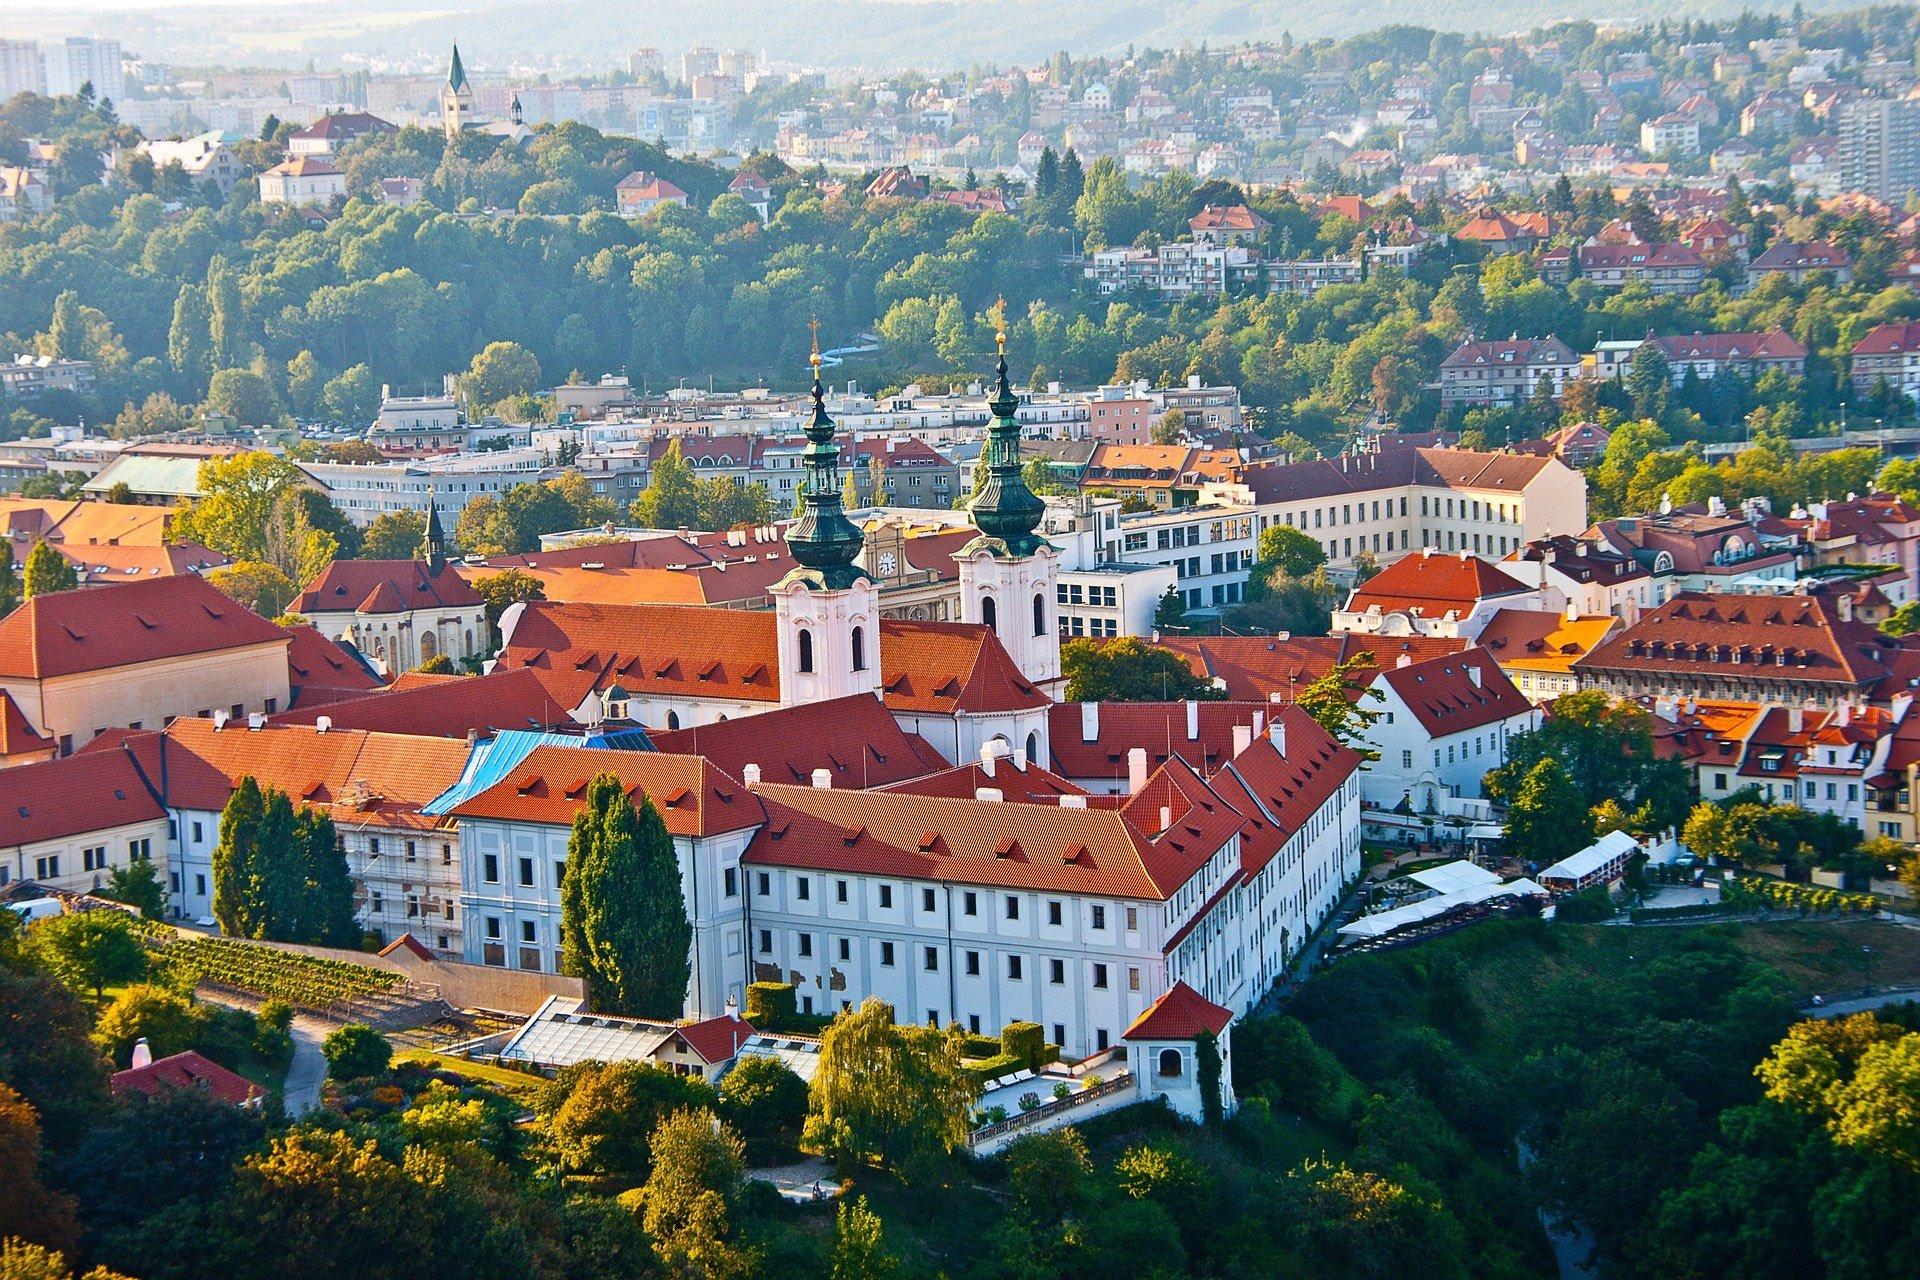 Тури до Європи та подорожі Україною: як спланувати та ціна питання